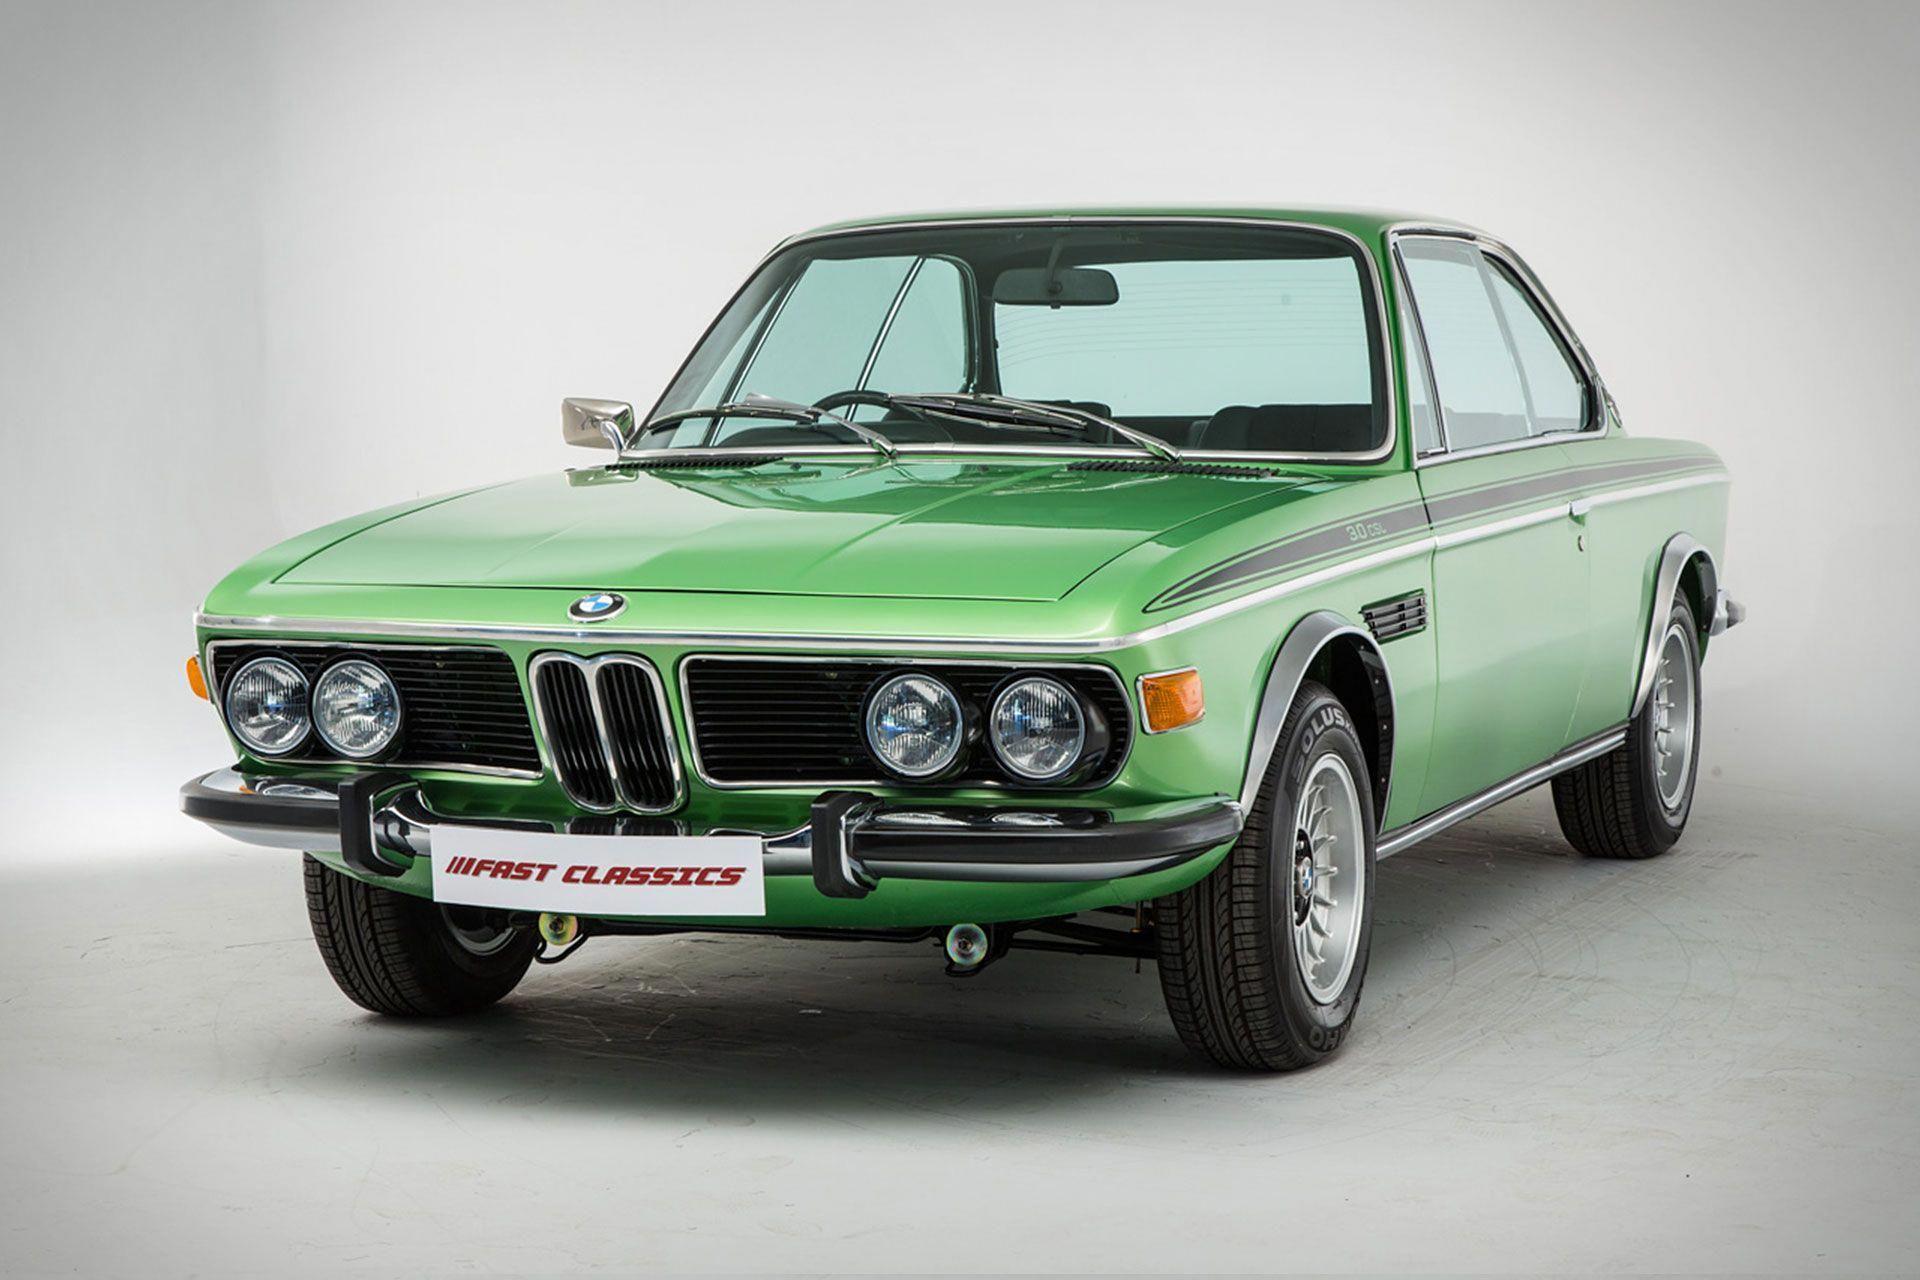 bmw classic car club ireland BMWclassiccars Bmw classic